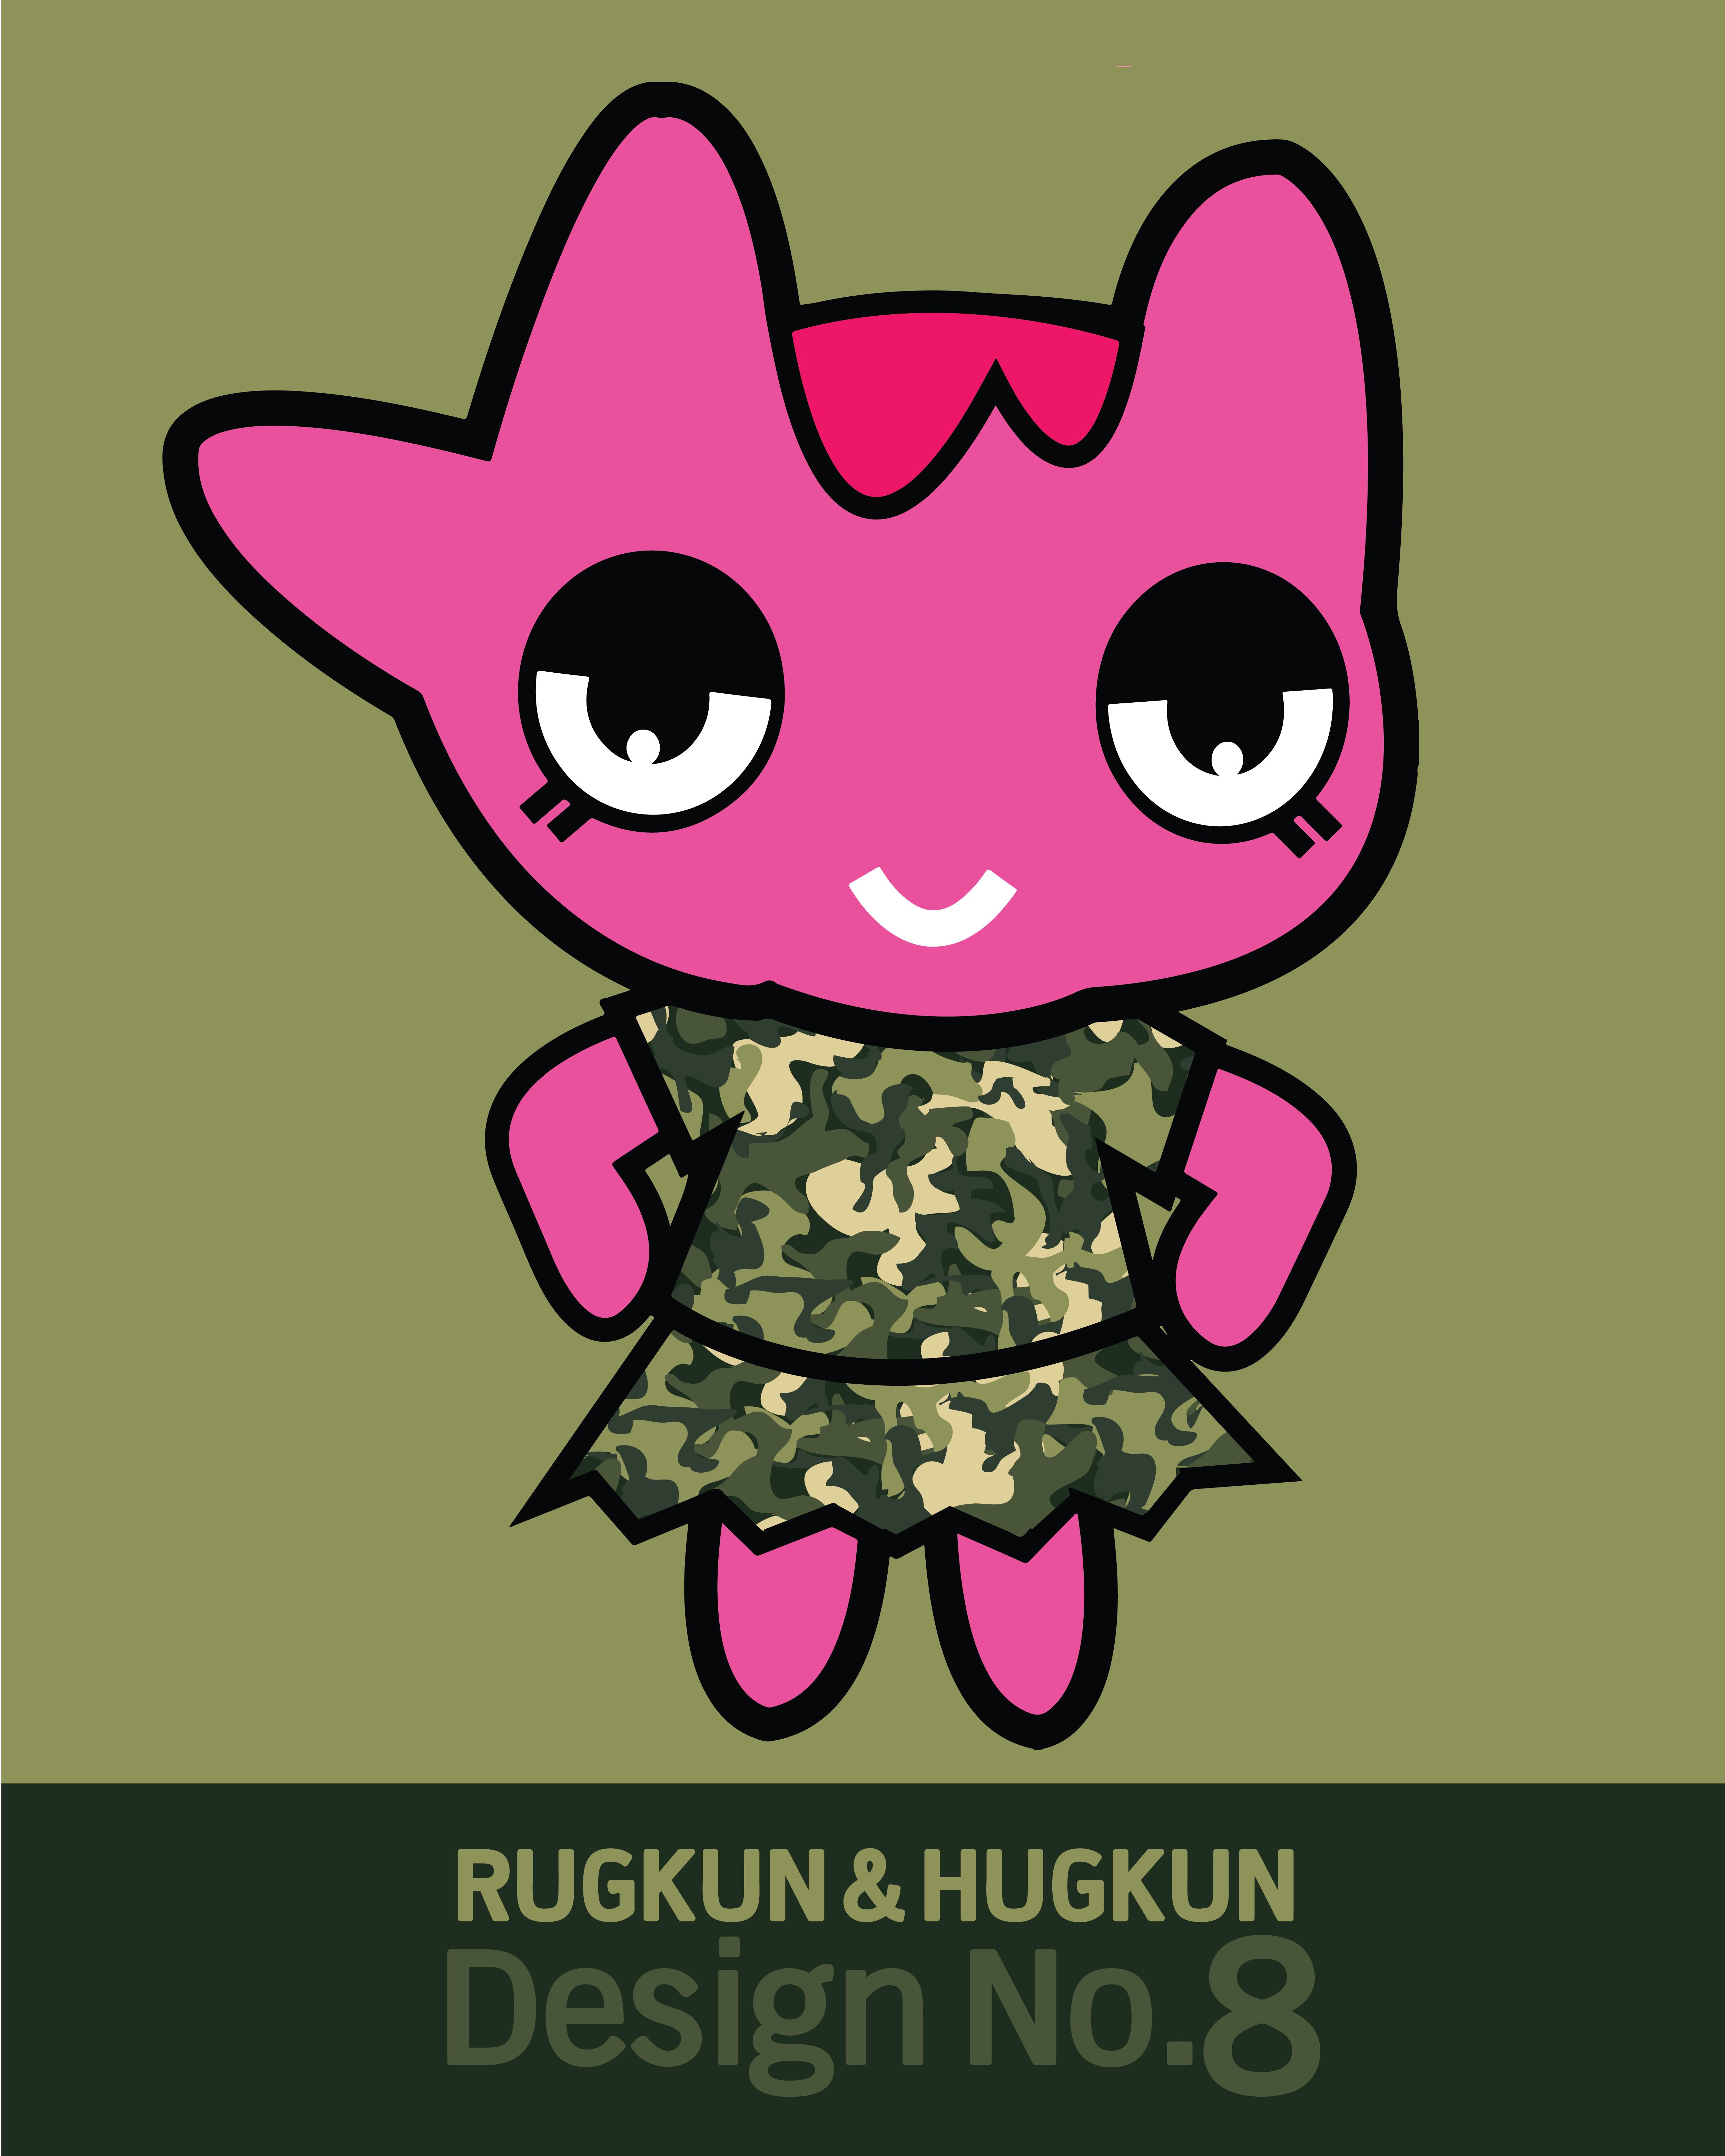 Nft Rugkun Design No.8